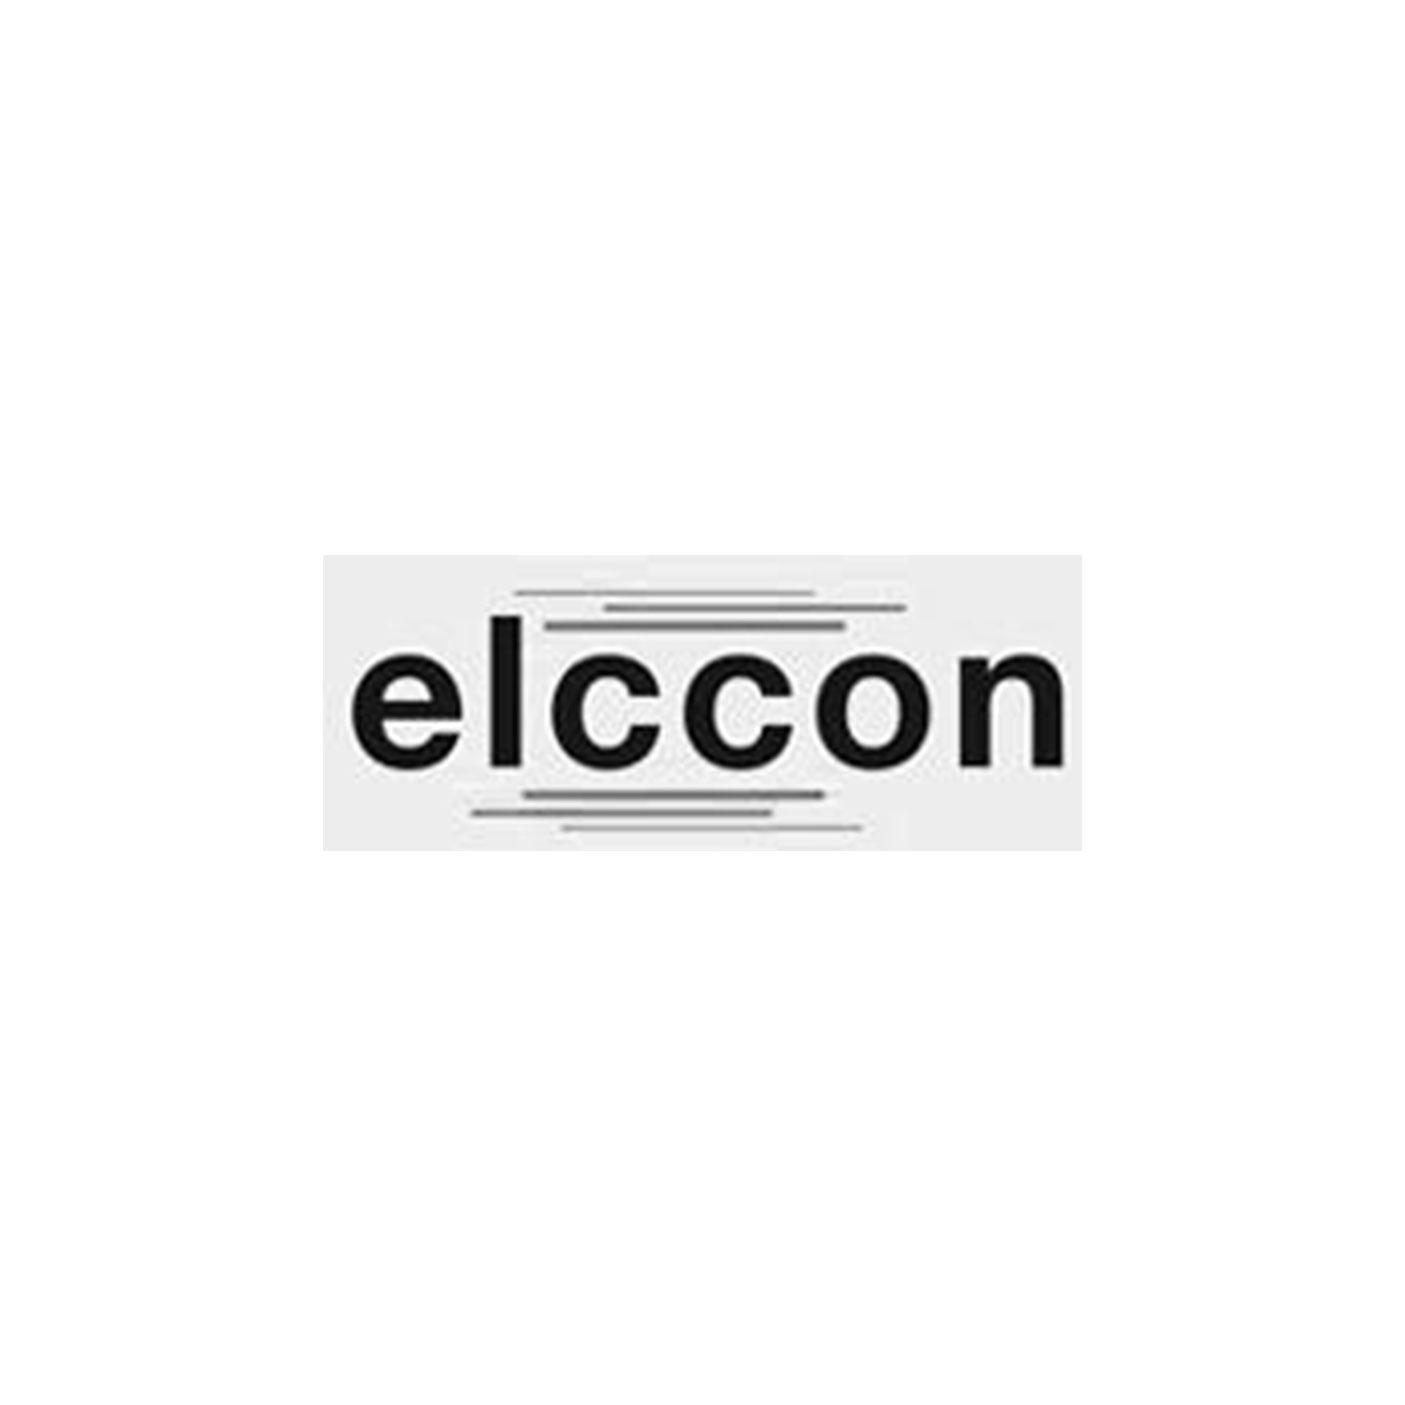 elccon el-nomany change consulting